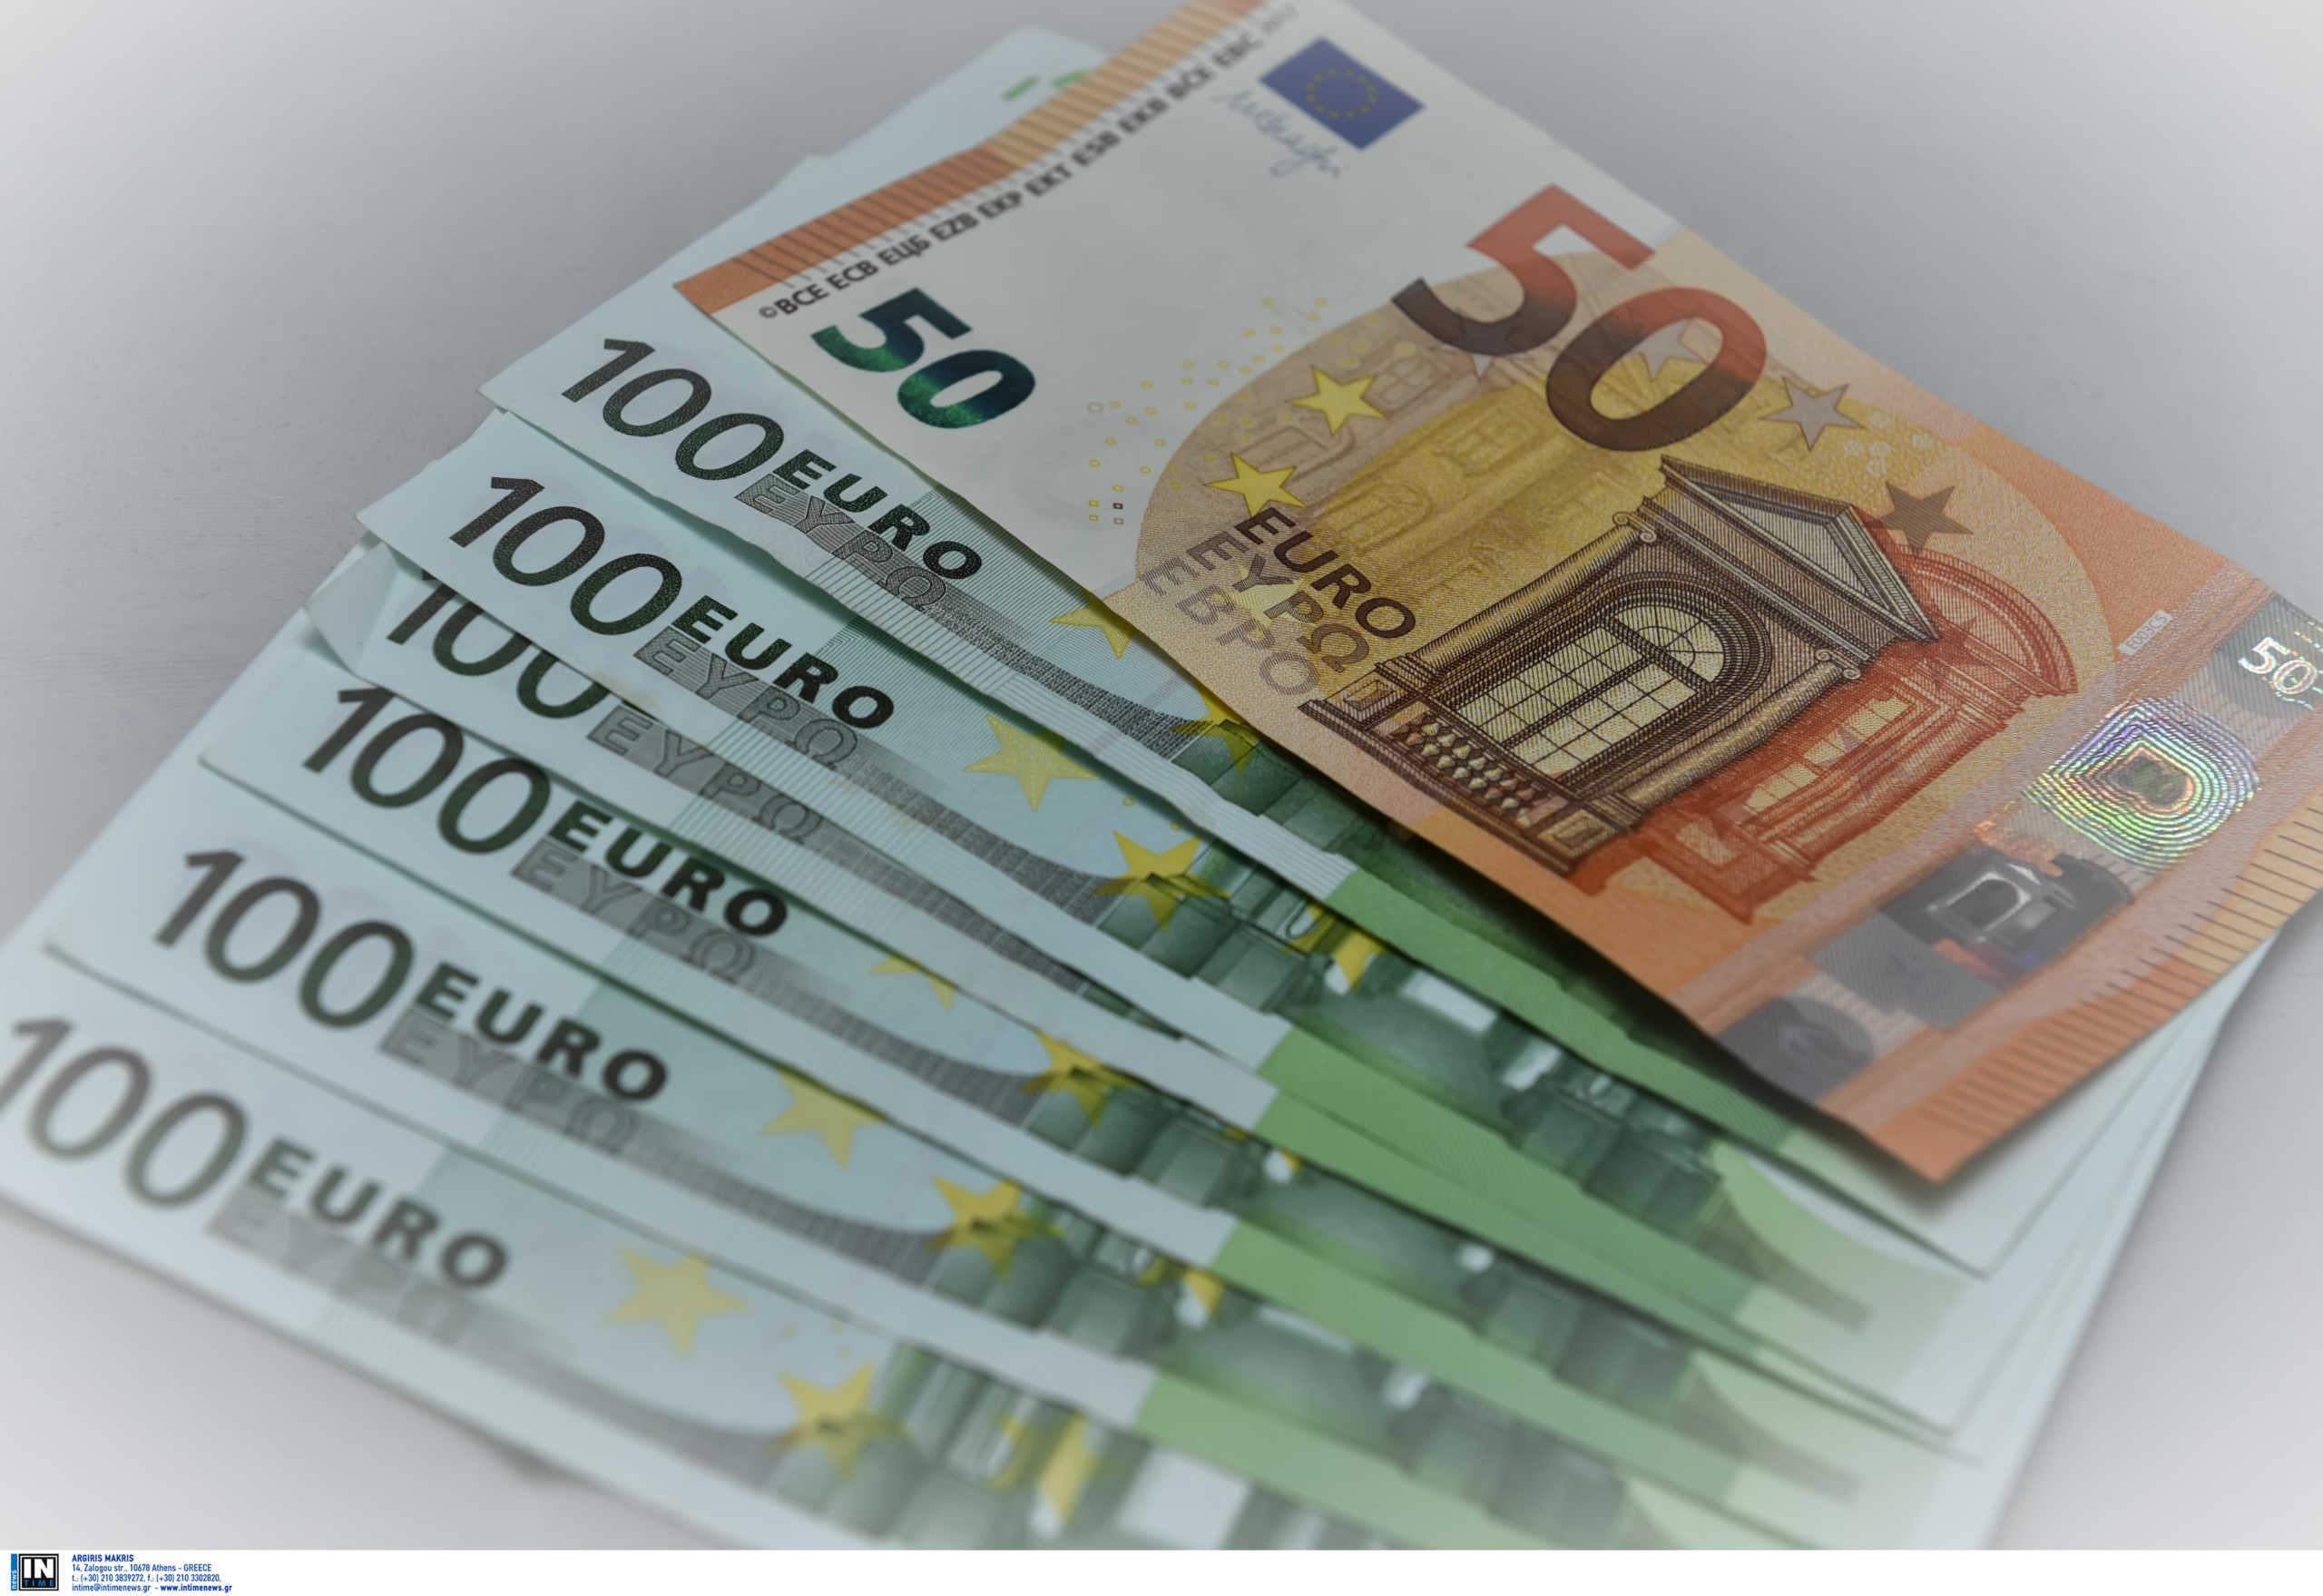 Θεσσαλονίκη: Πλήρωσε 2.400 ευρώ και τον έζωσαν τα φίδια! Τα τηλεφωνήματα που τον έκαναν έξαλλο